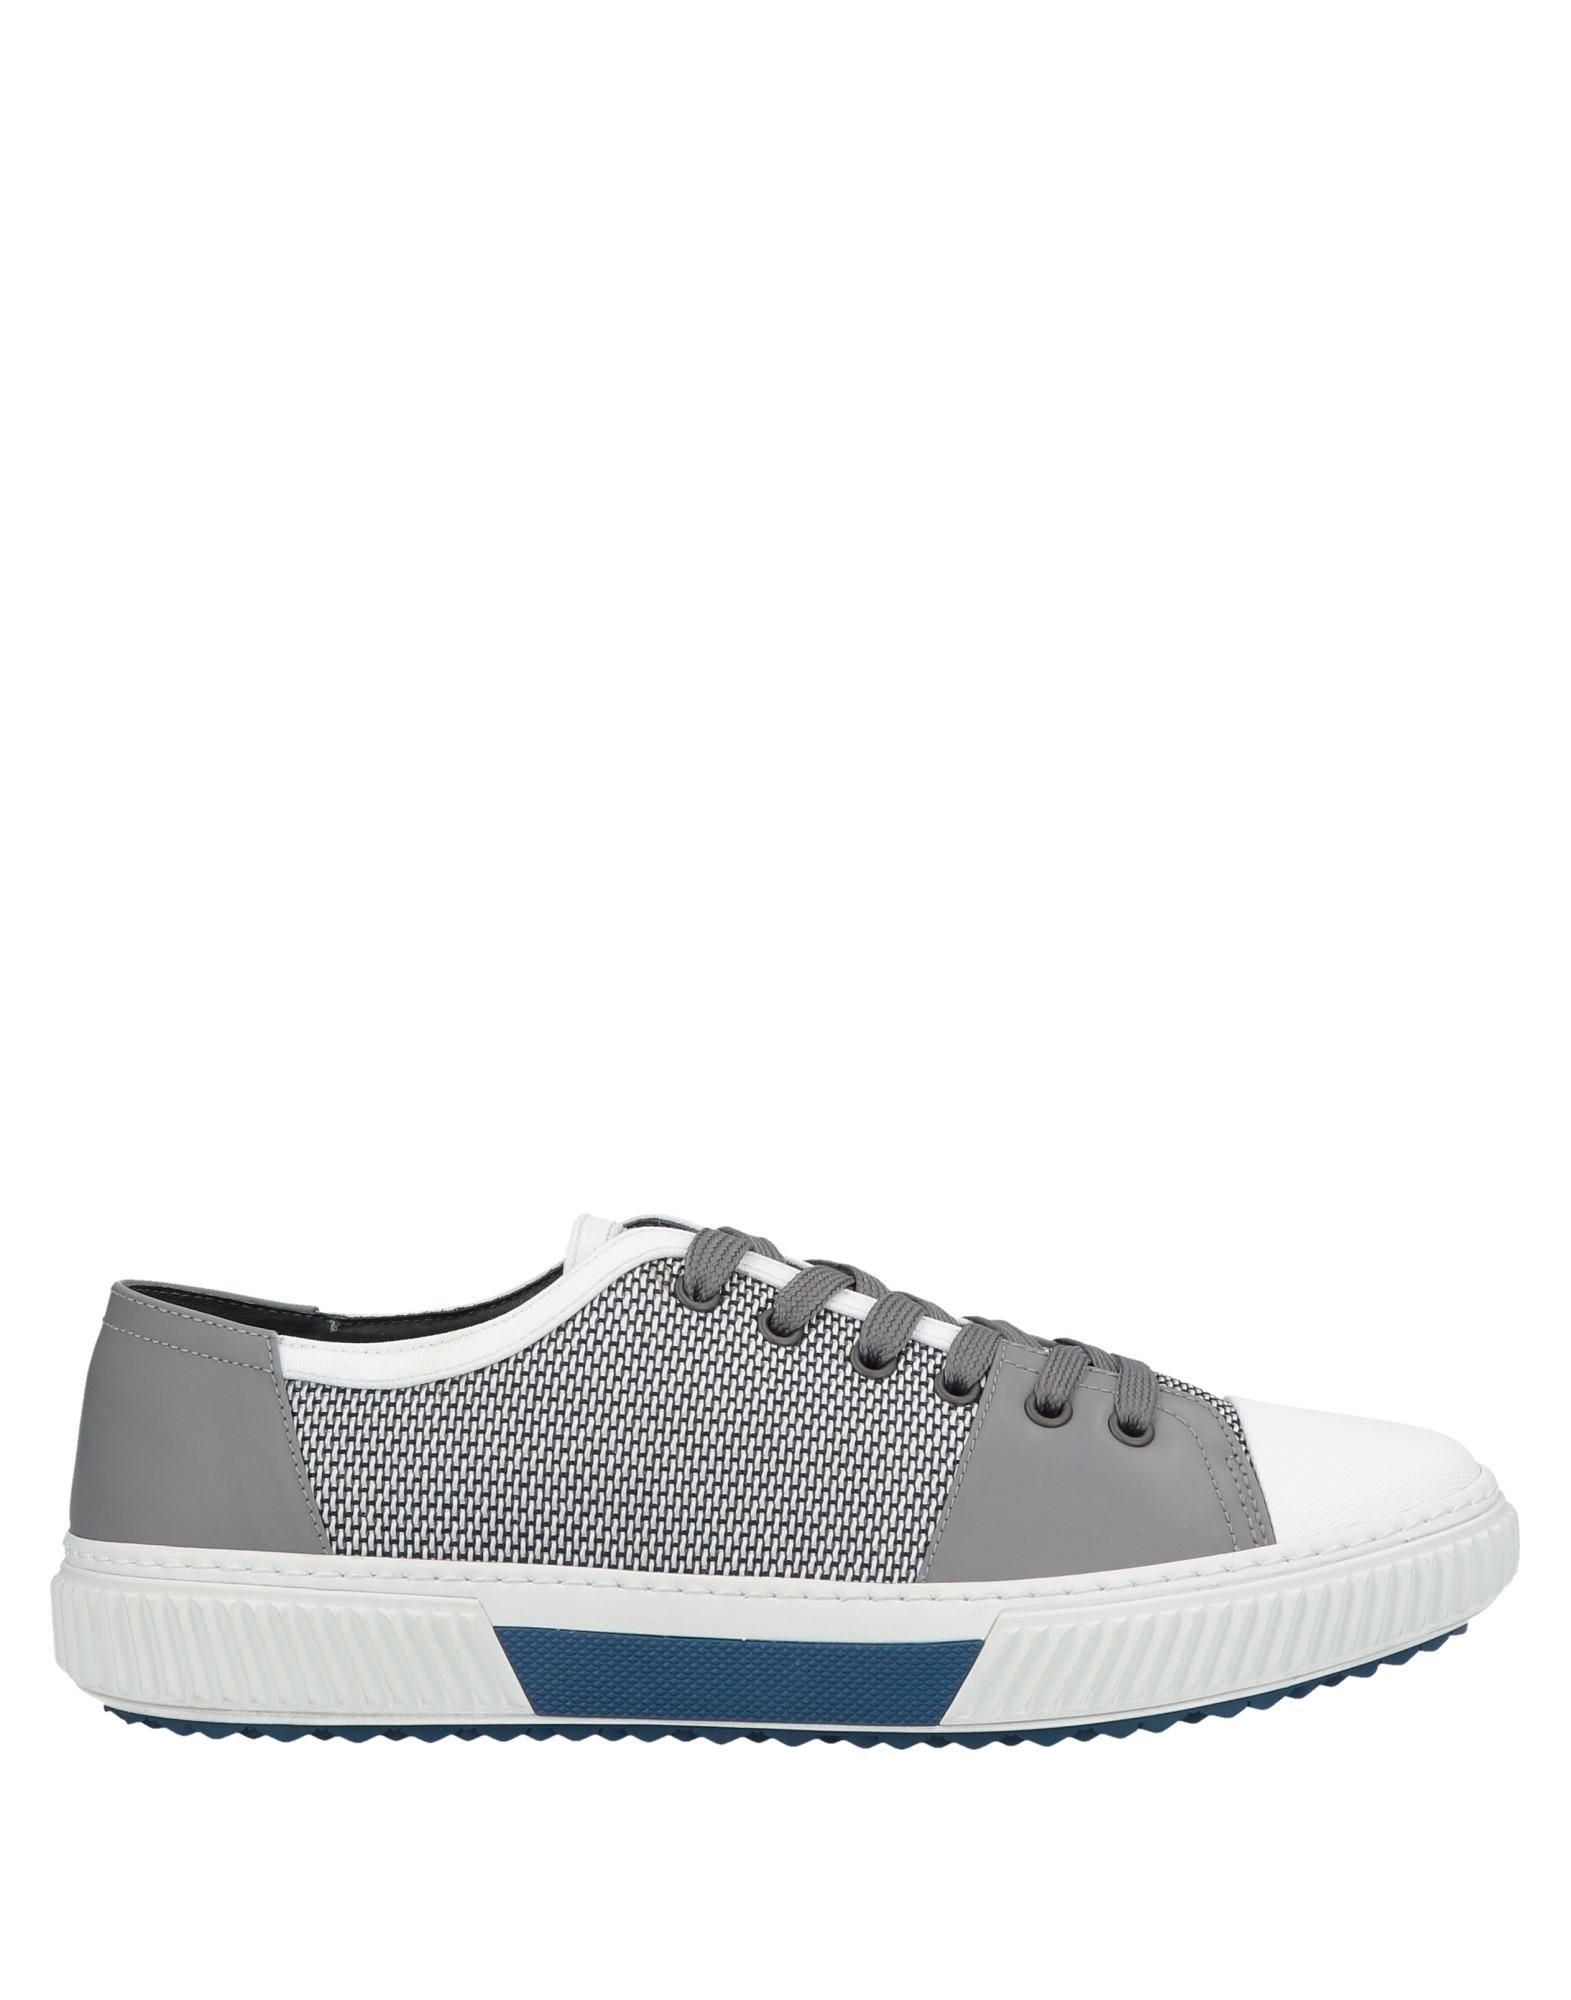 PRADA LINEA ROSSA Low-tops & sneakers - Item 11561091